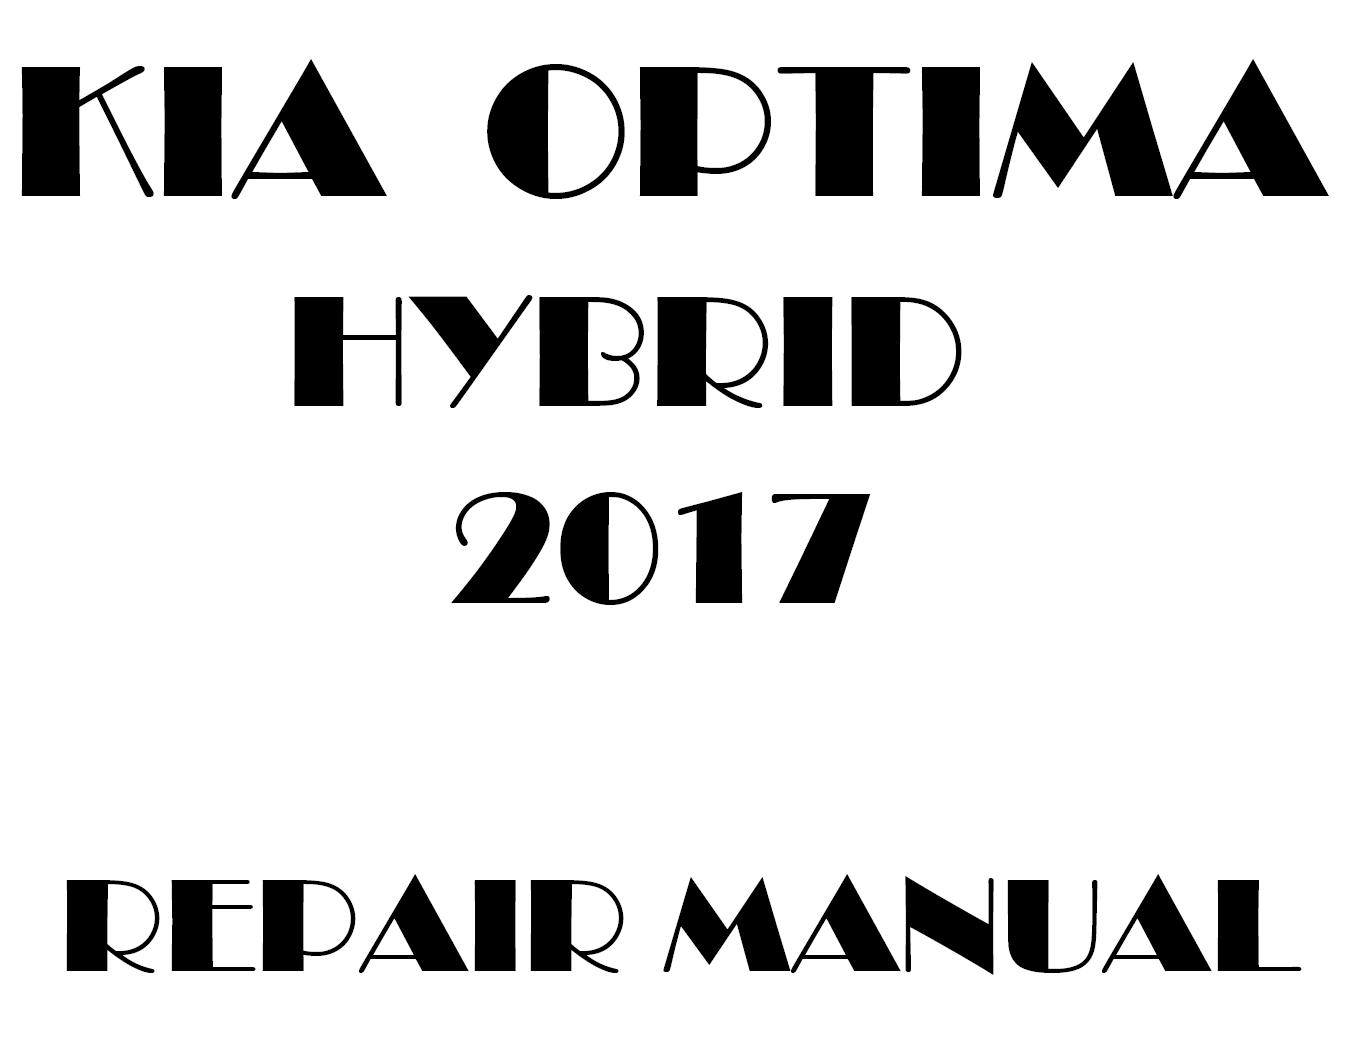 2017 Kia Optima Hybrid repair manual